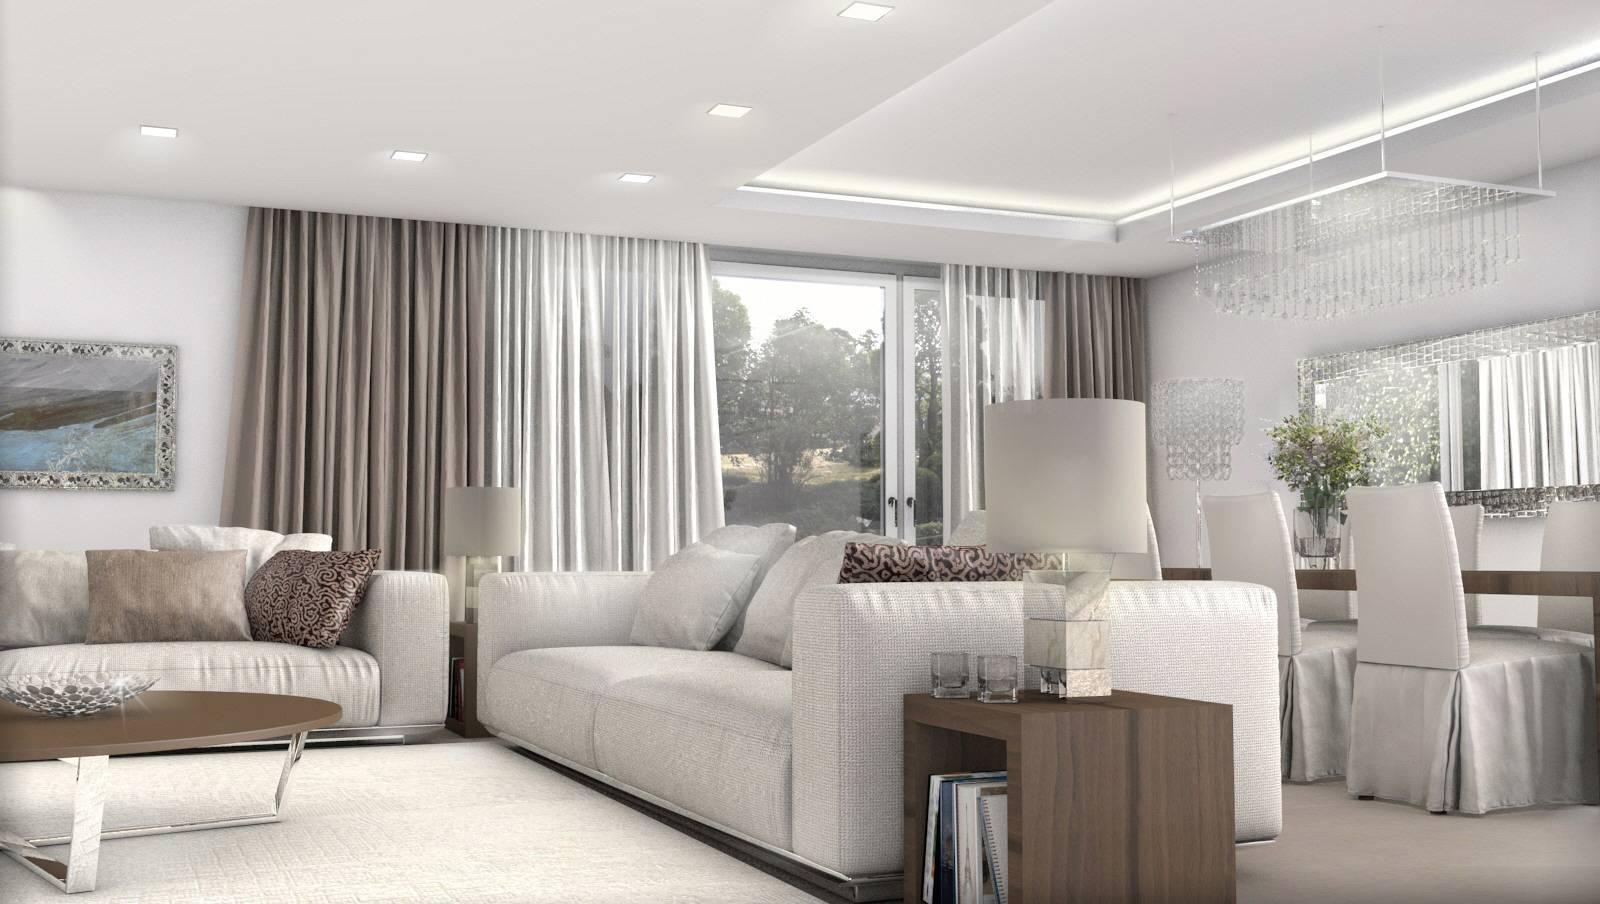 Appartamento in vendita a Cassano d'Adda, 3 locali, prezzo € 205.000 | PortaleAgenzieImmobiliari.it